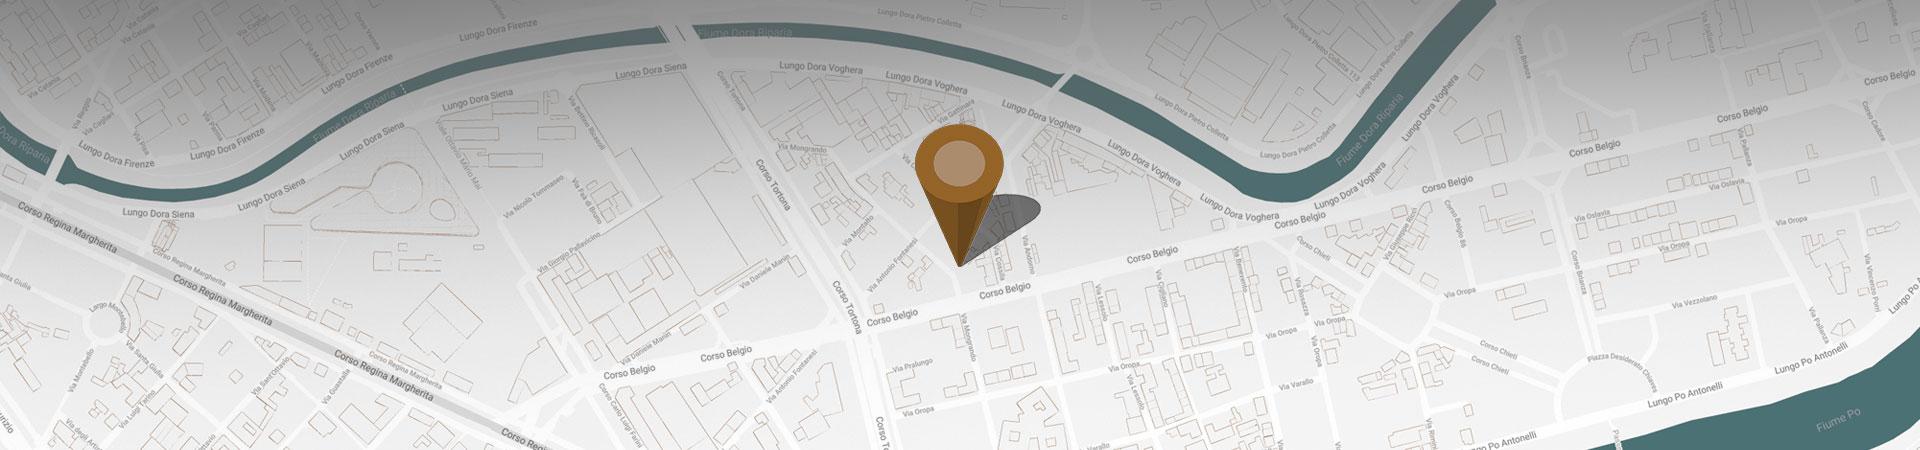 mimesi-contatti-maps